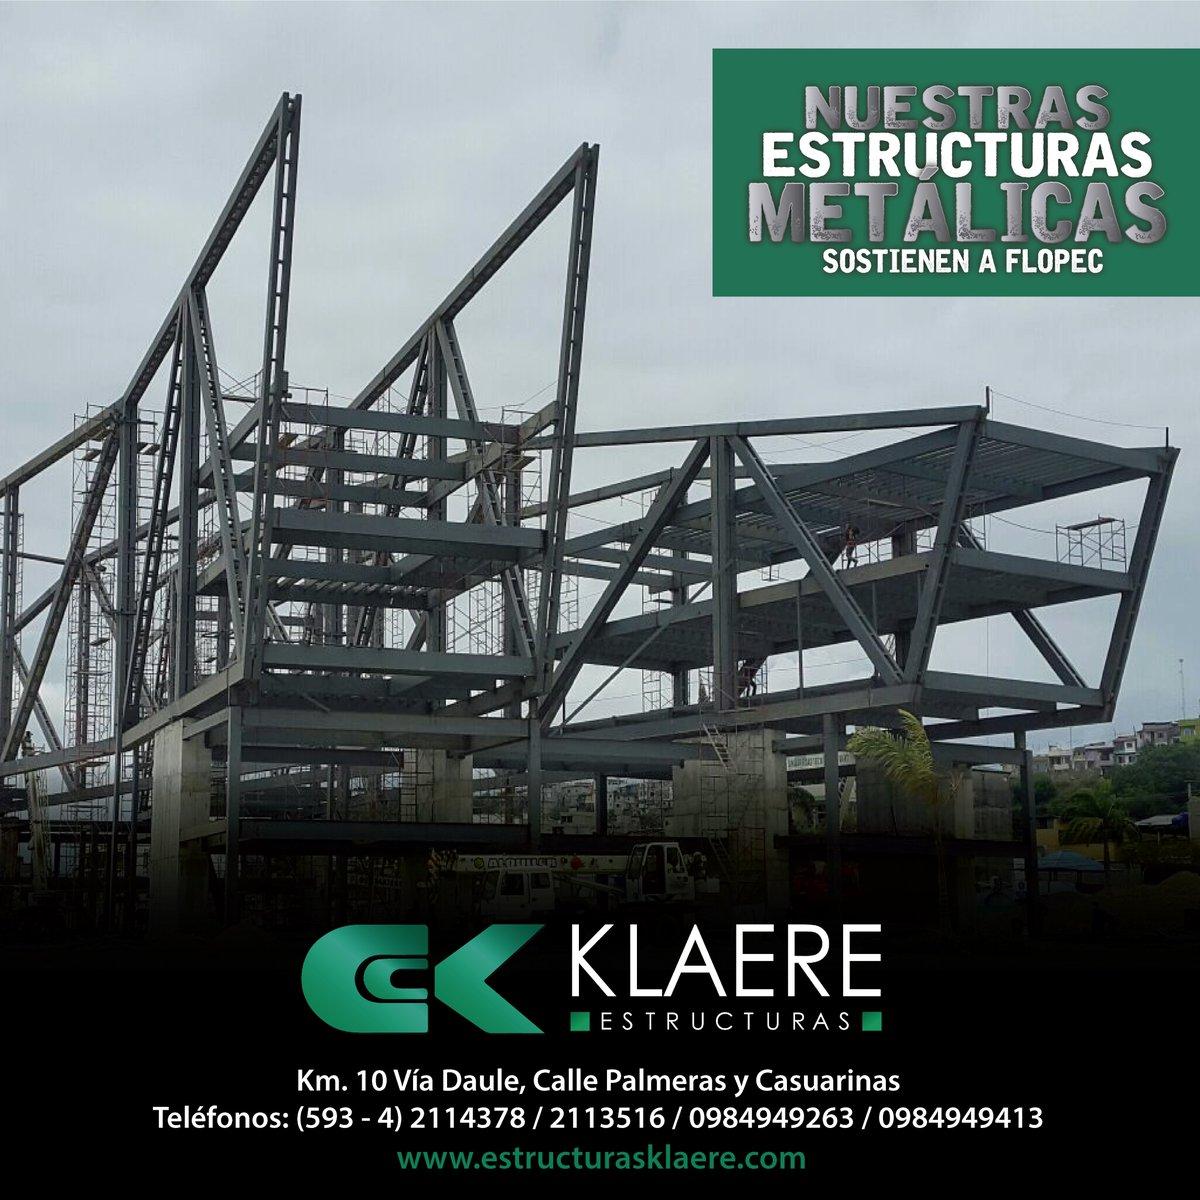 Klaere Estructuras در توییتر Nuestras Estructuras Metálicas